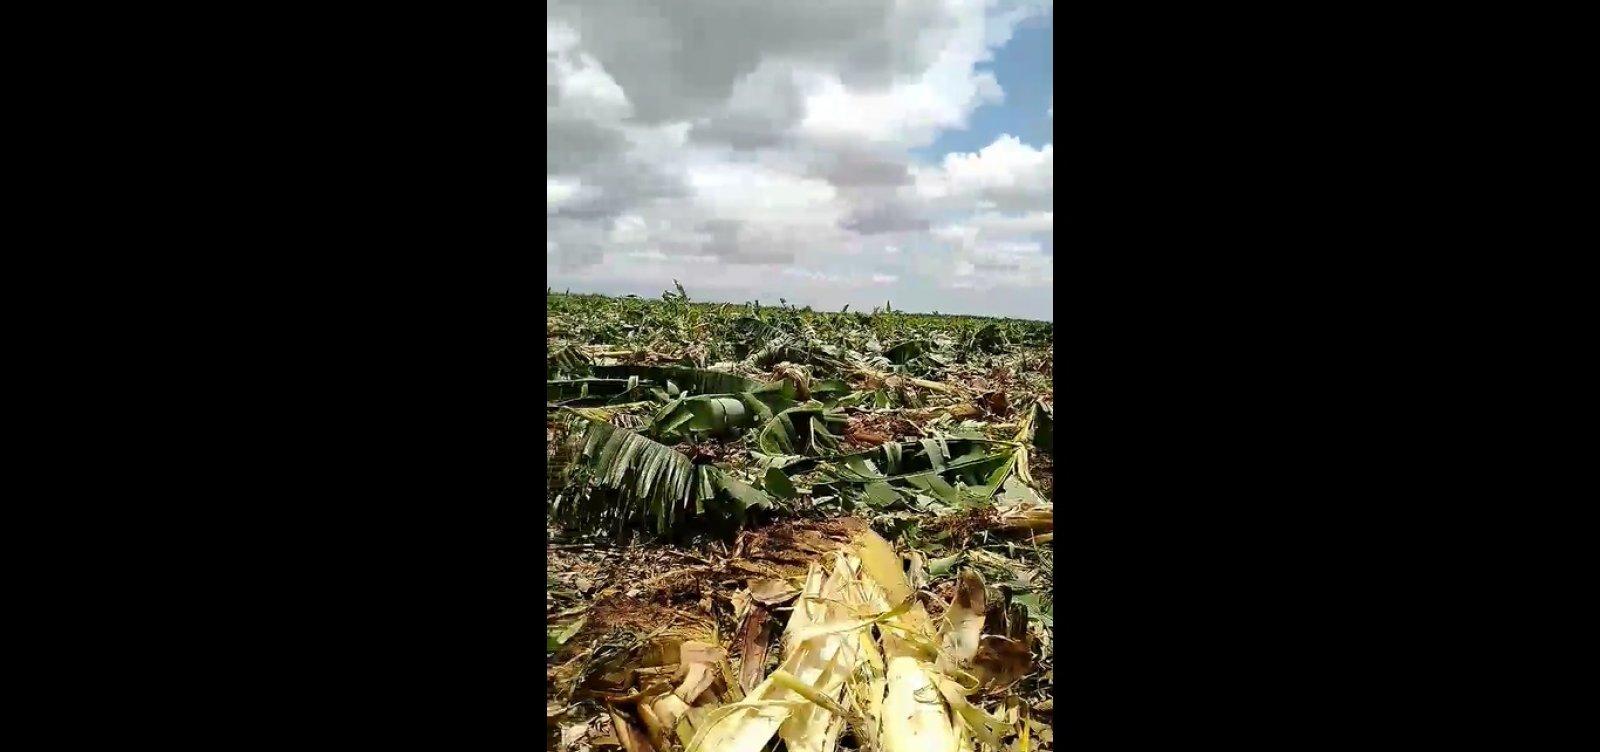 Homem denuncia destruição de plantações em acampamento desocupado na Bahia